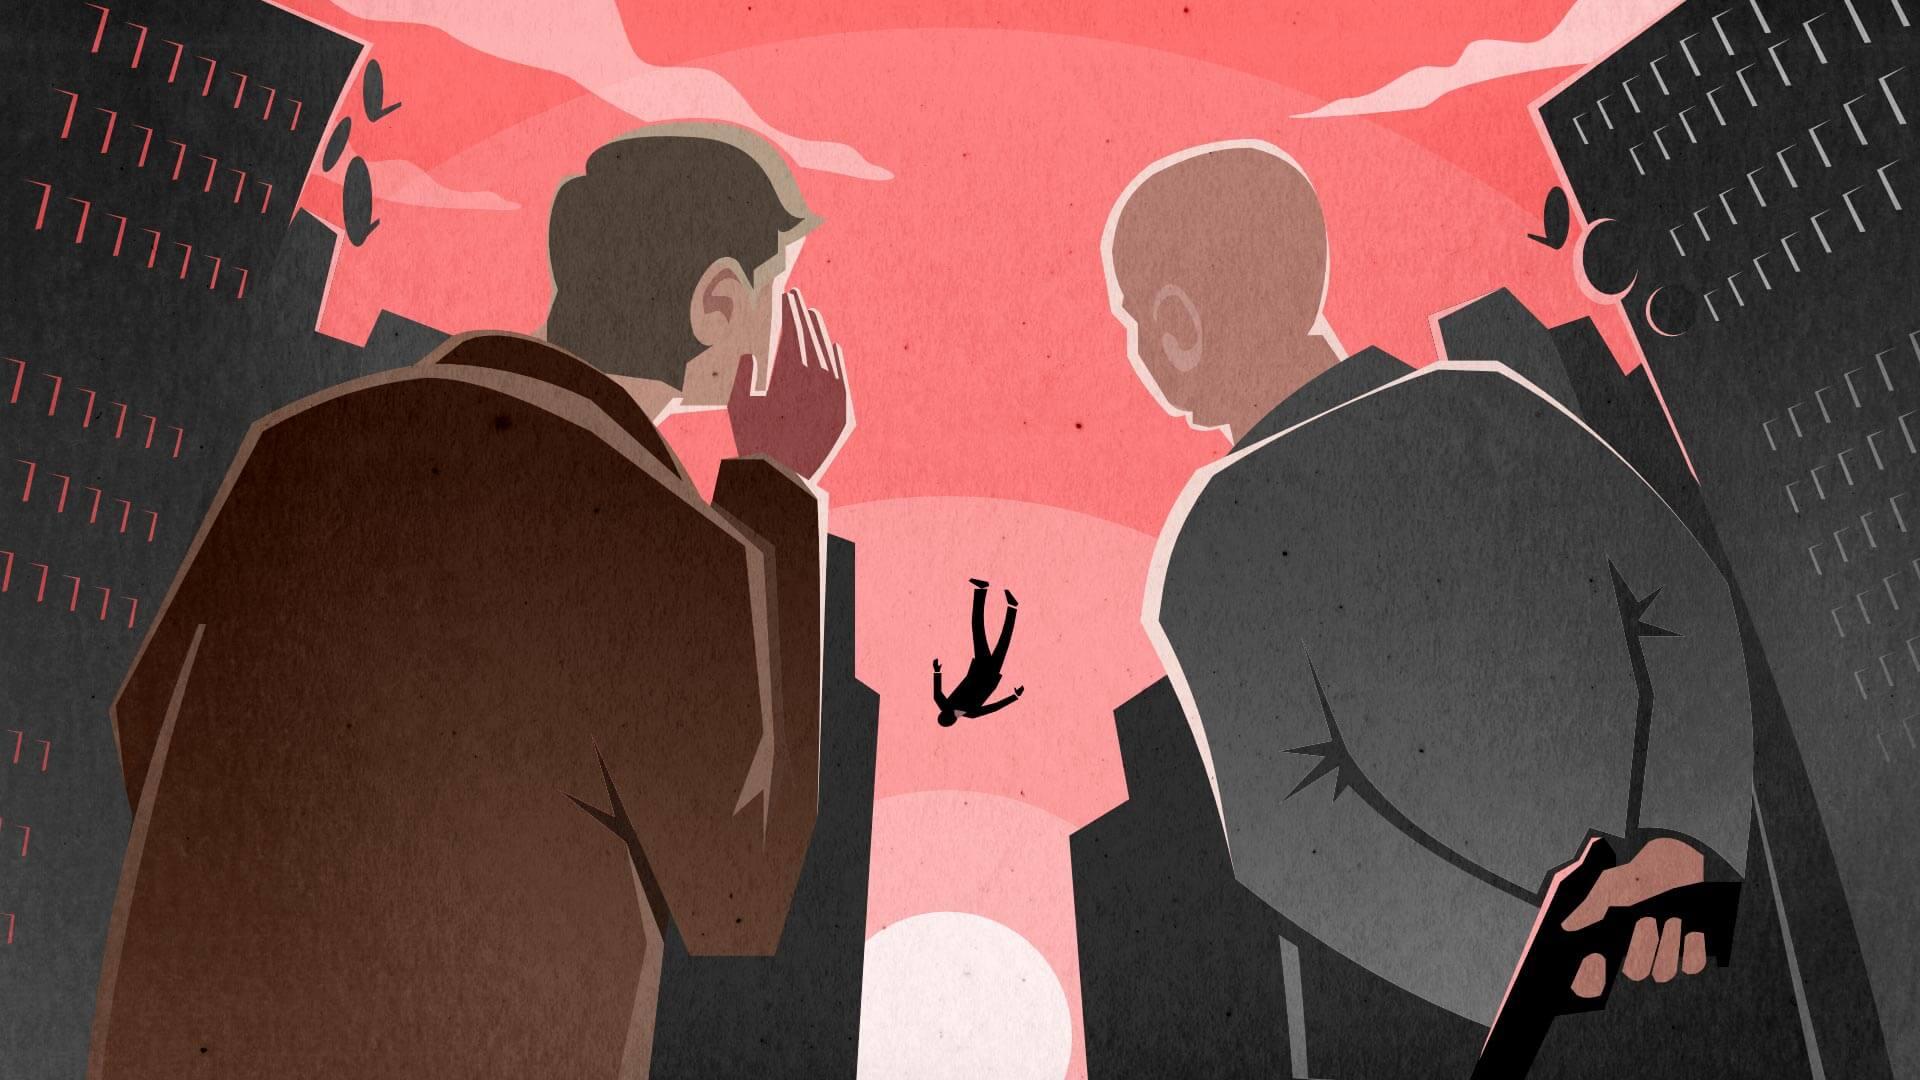 Lübcke-Mord: Kontakte zu NSU-Umfeld weitreichender als bisher angenommen